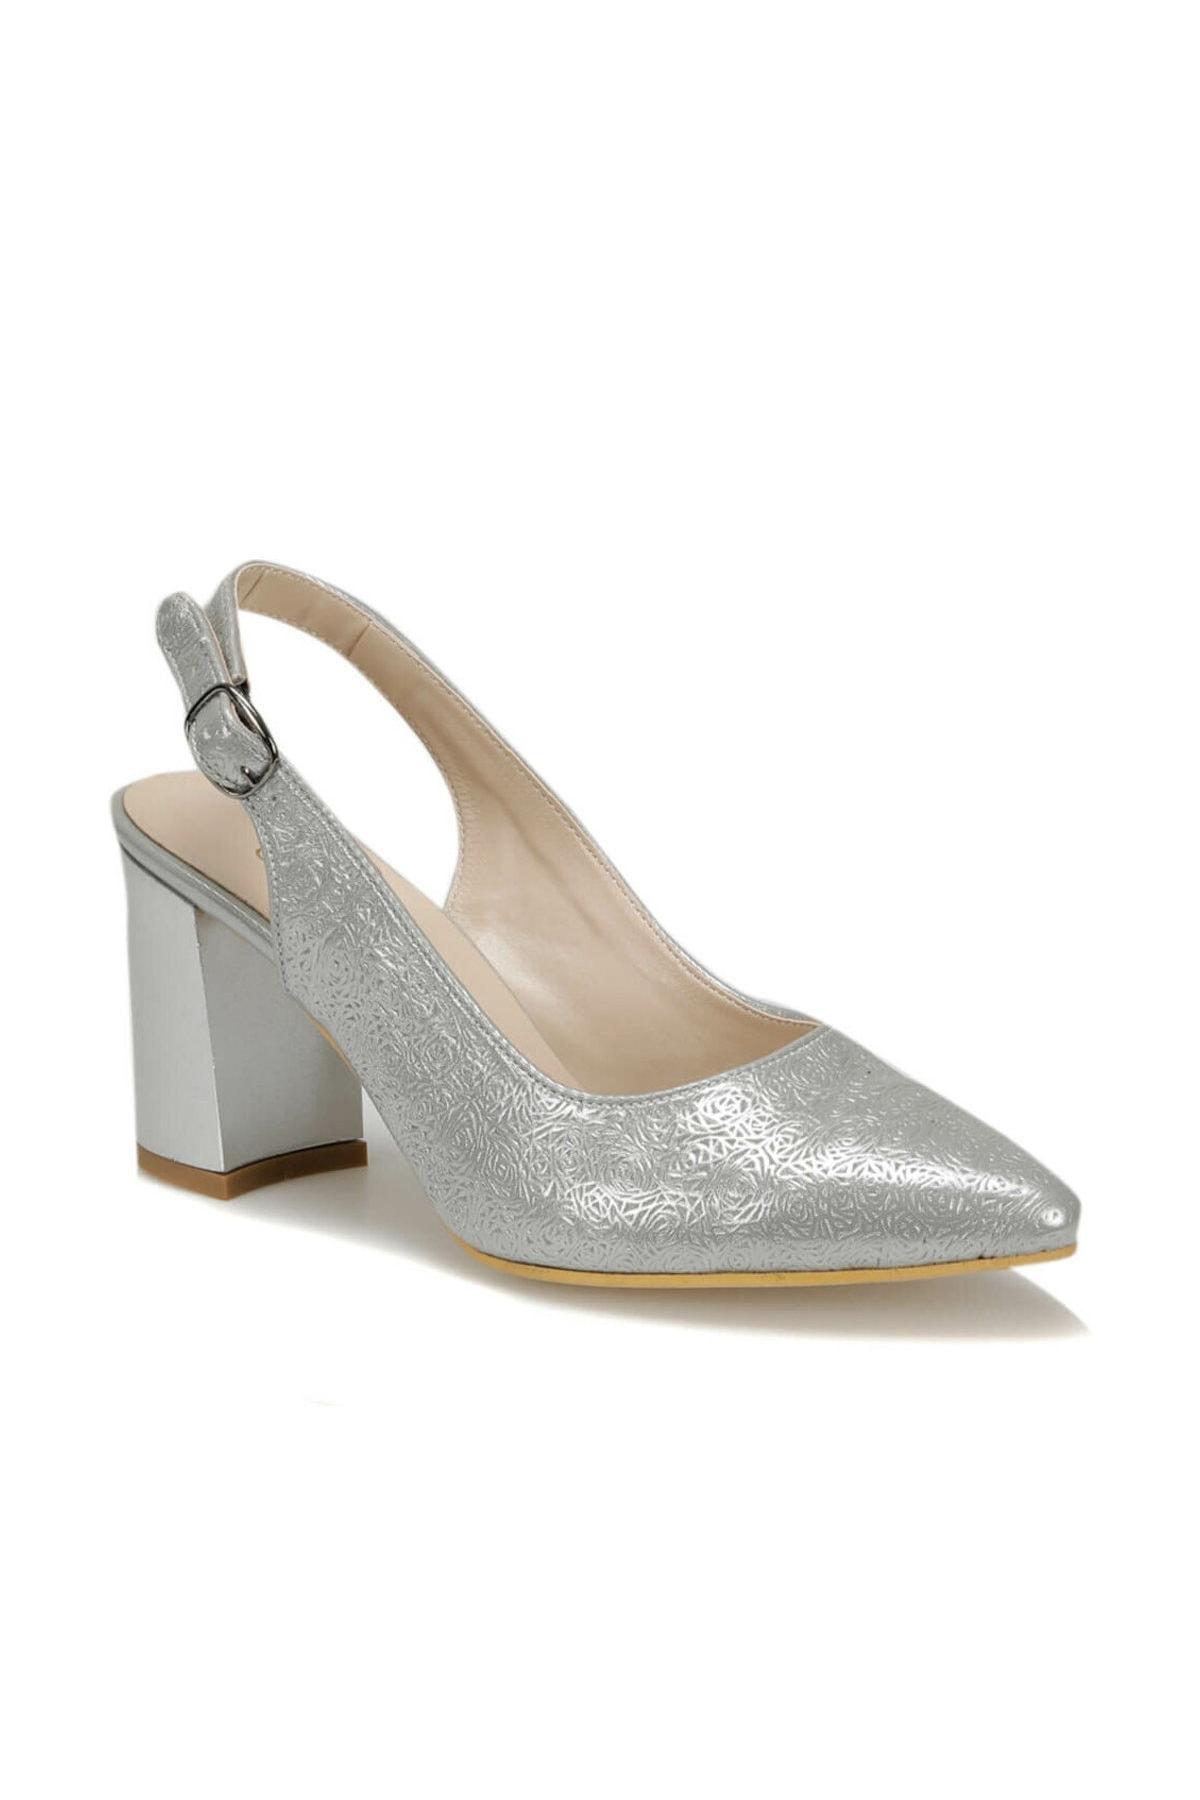 91.313117DZ Gümüş Kadın Topuklu Ayakkabı 100377153